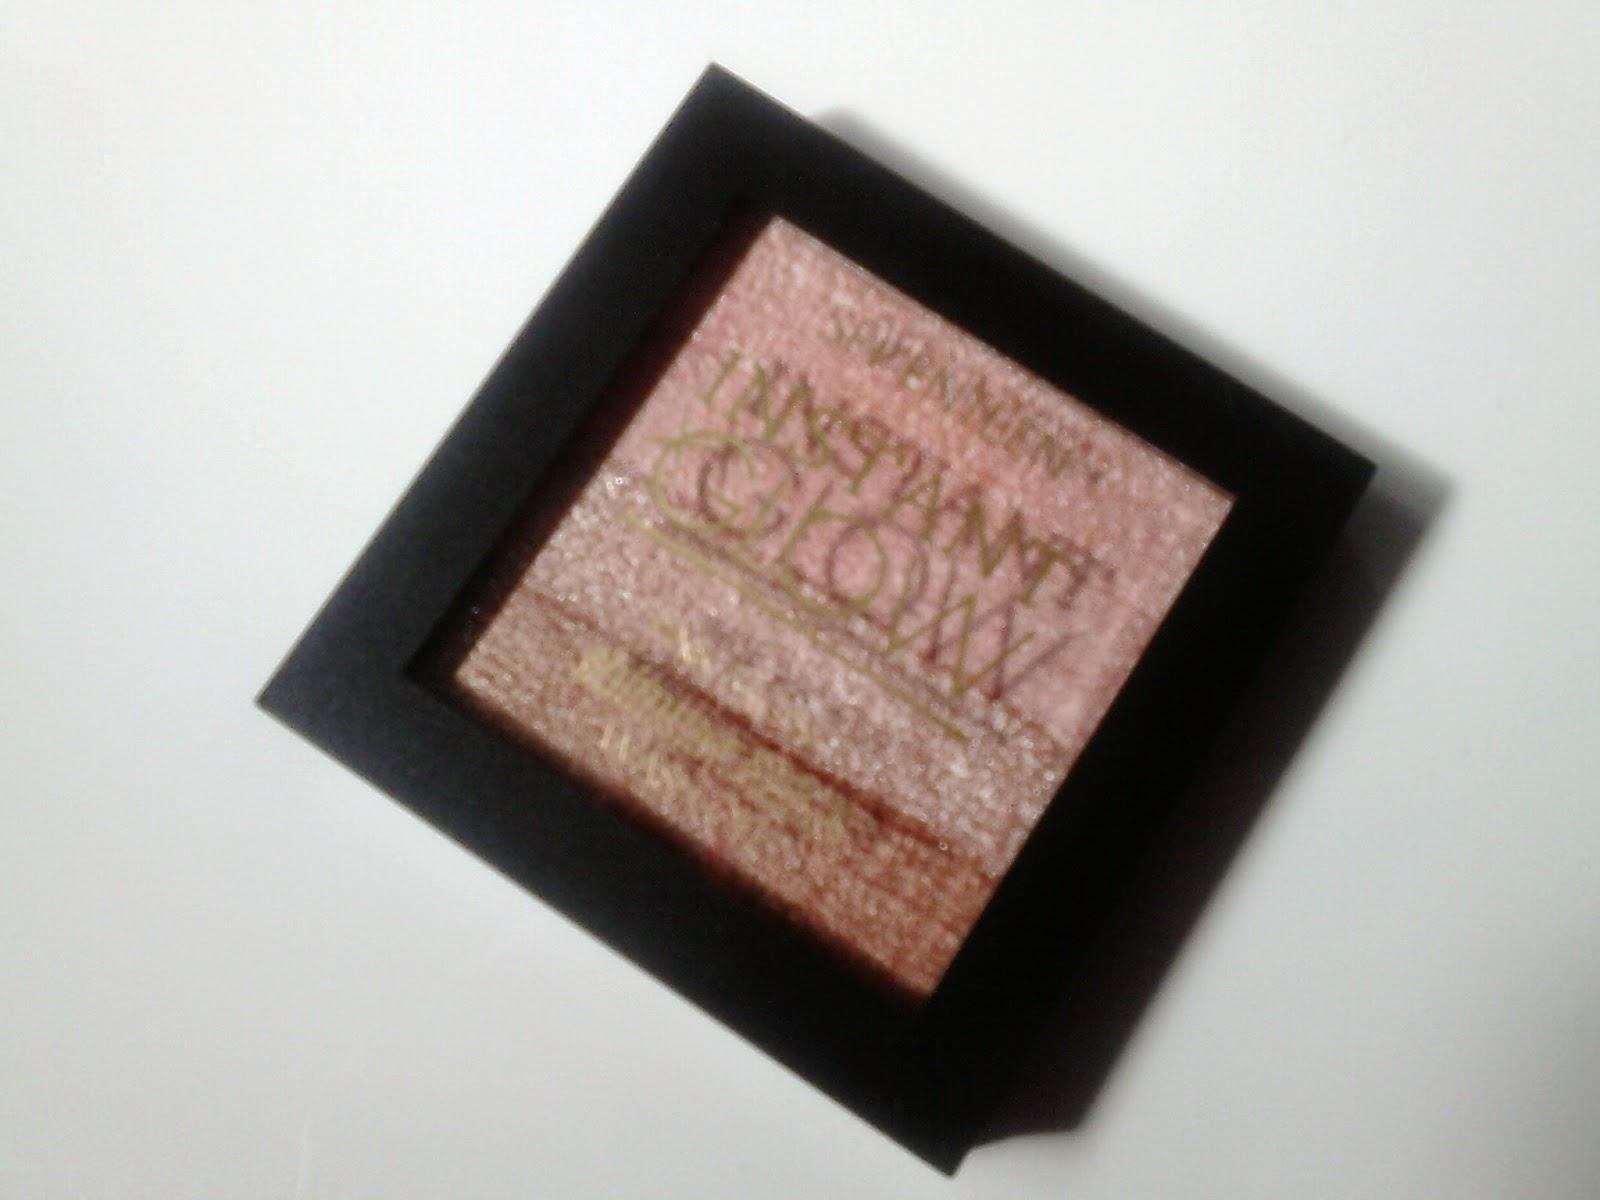 Seventeen Instant Glow Shimmer Brick Pink Bronze